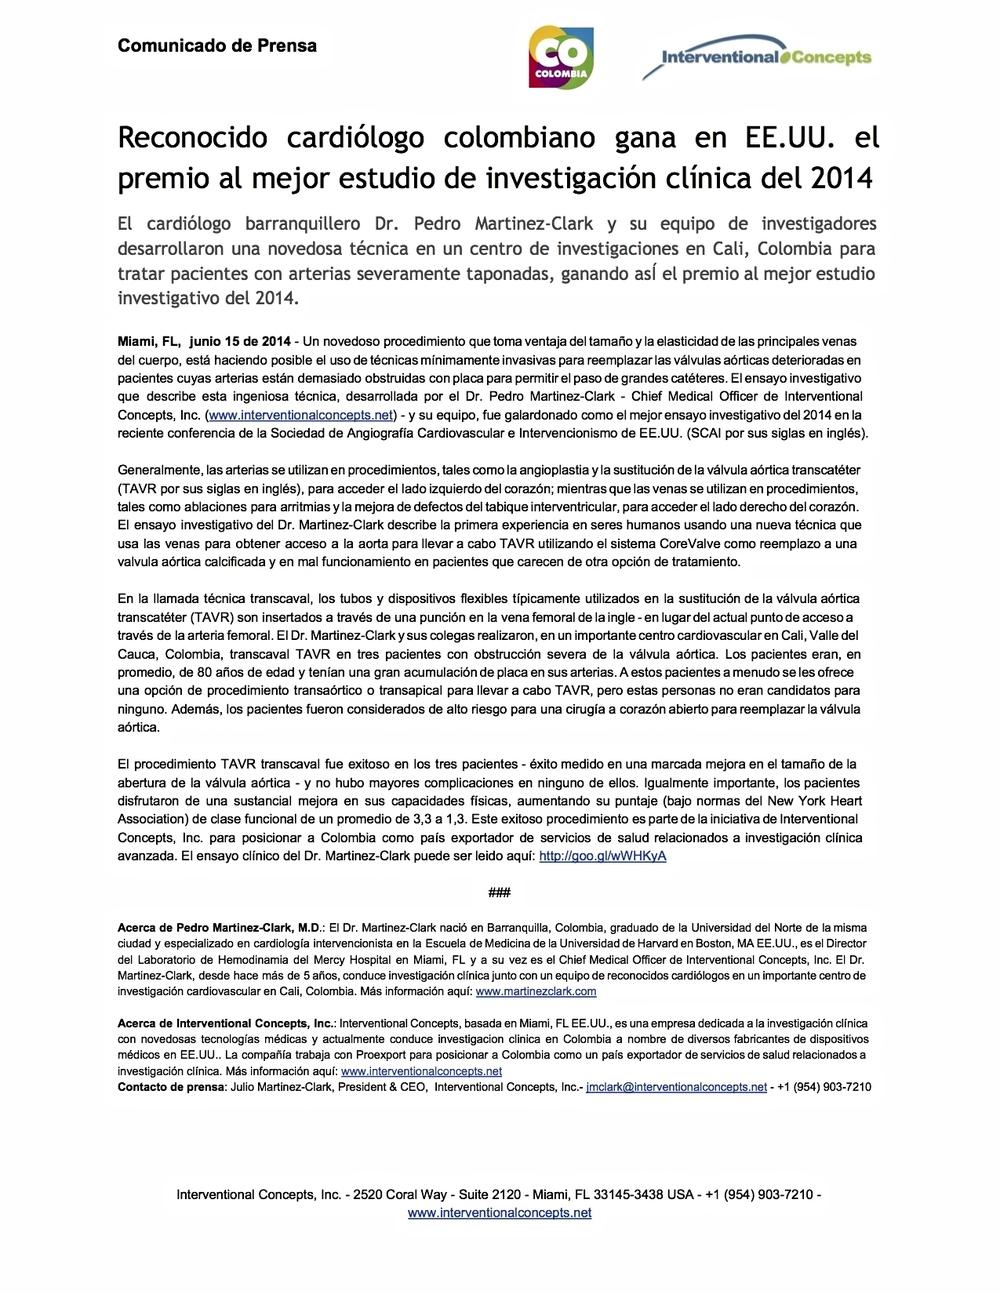 Reconocido cardiólogo colombiano gana en EE.UU. el premio al mejor estudio de investigación clínica del 2014.